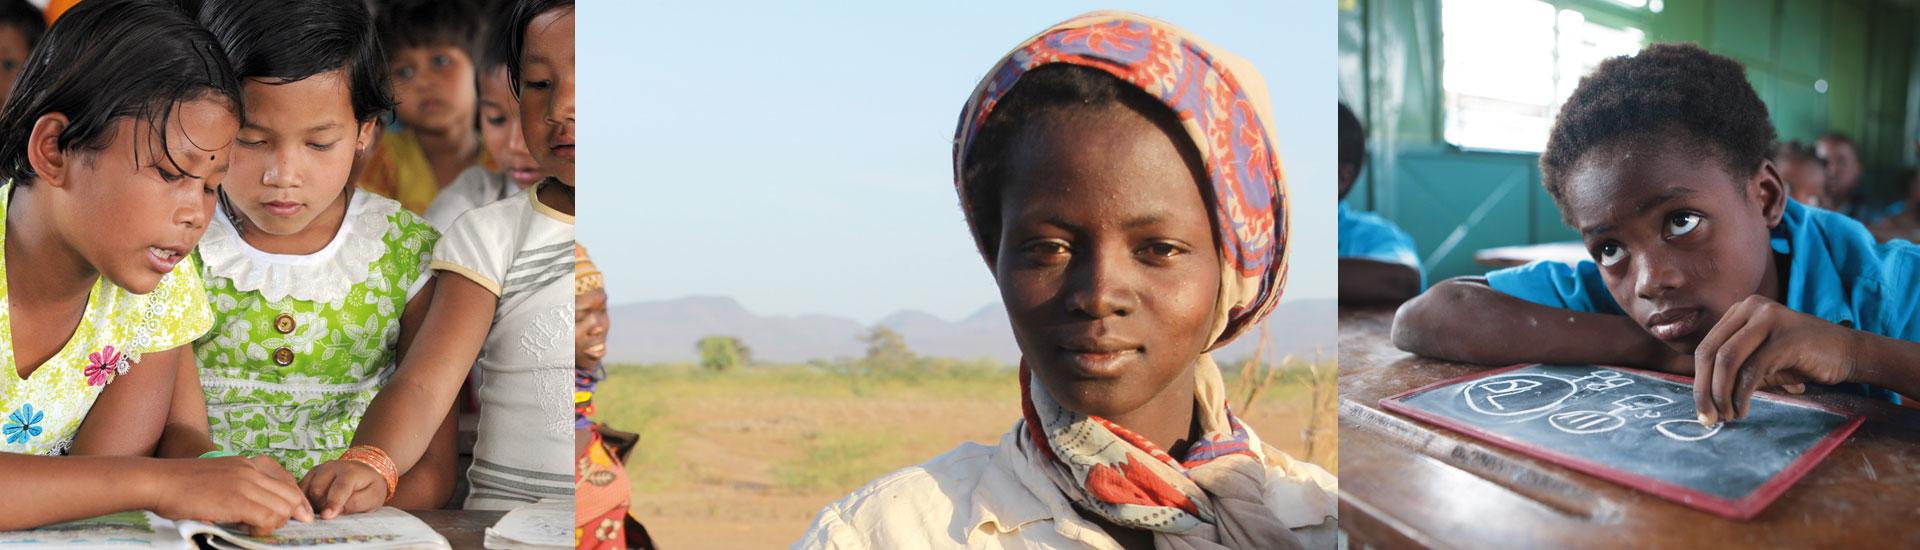 Día de la Mujer. Más igualdad, más desarrollo